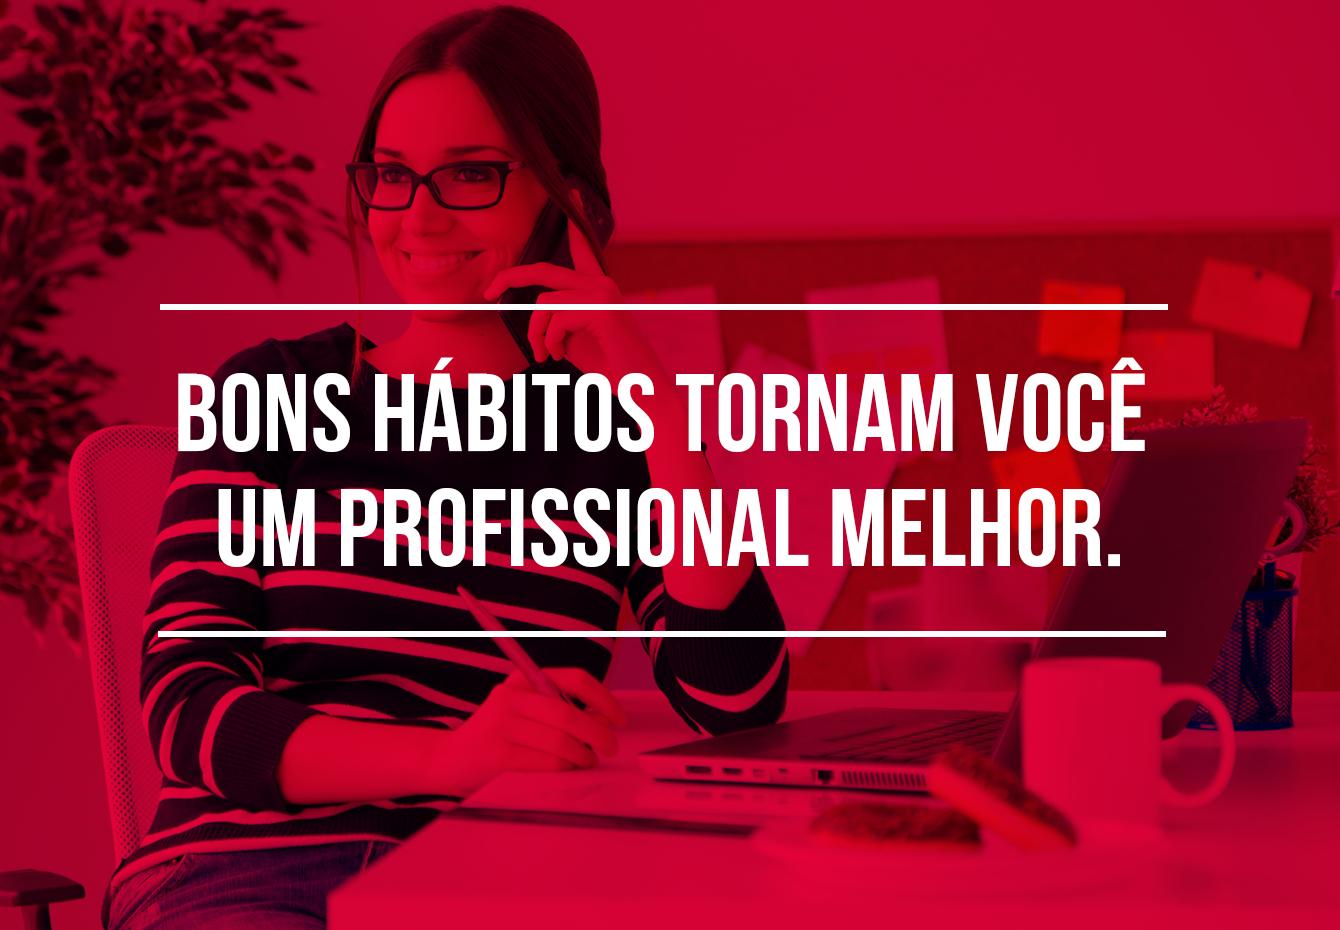 10 hábitos excelentes que todo profissional deve ter. BG Comunicação e Marketing